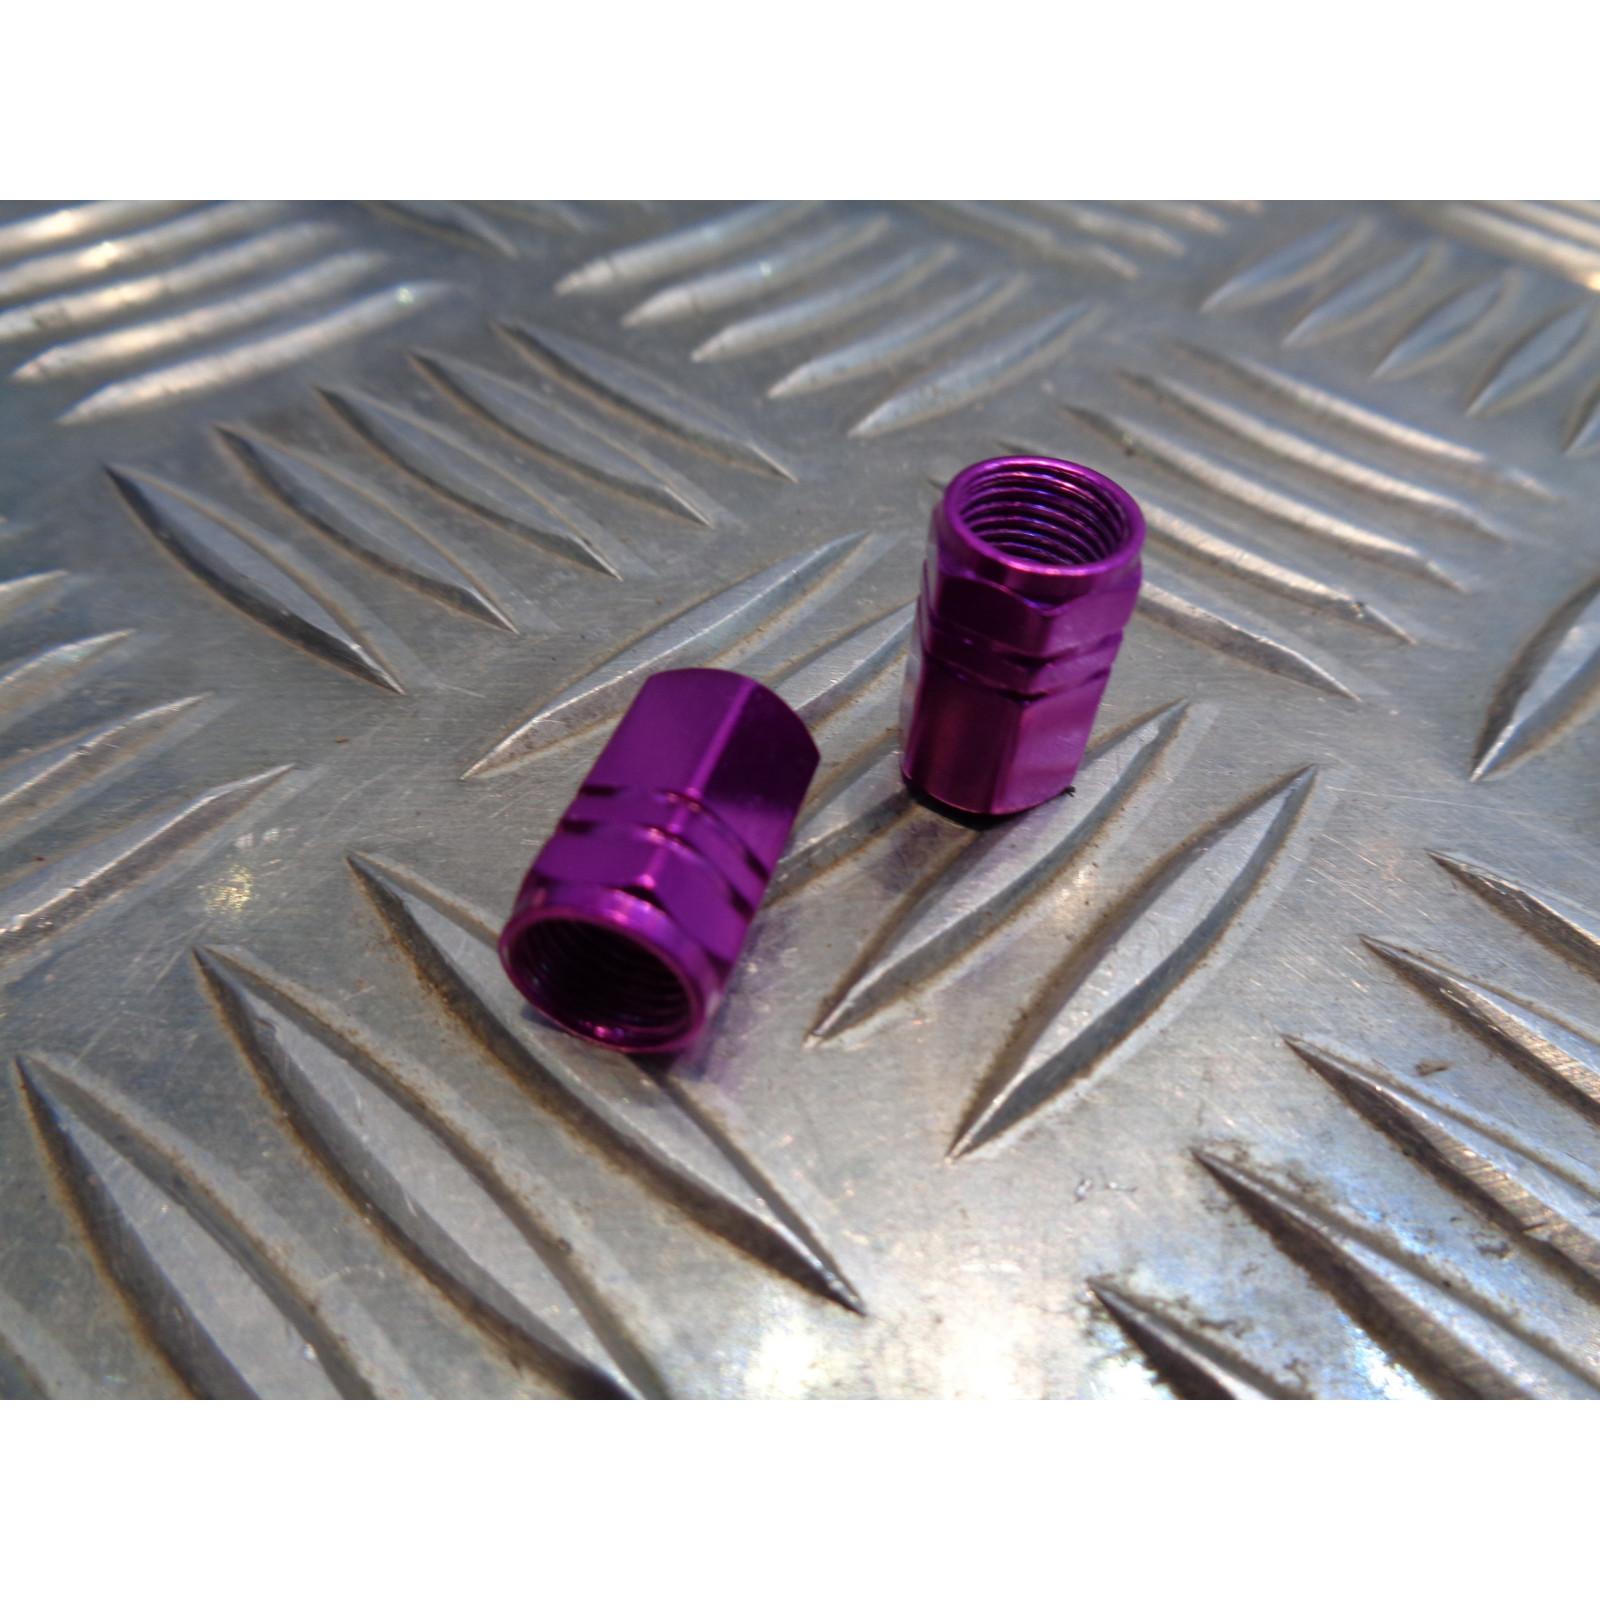 jeu de 2 x embout de valve bouchon violet scooter moto quad ...